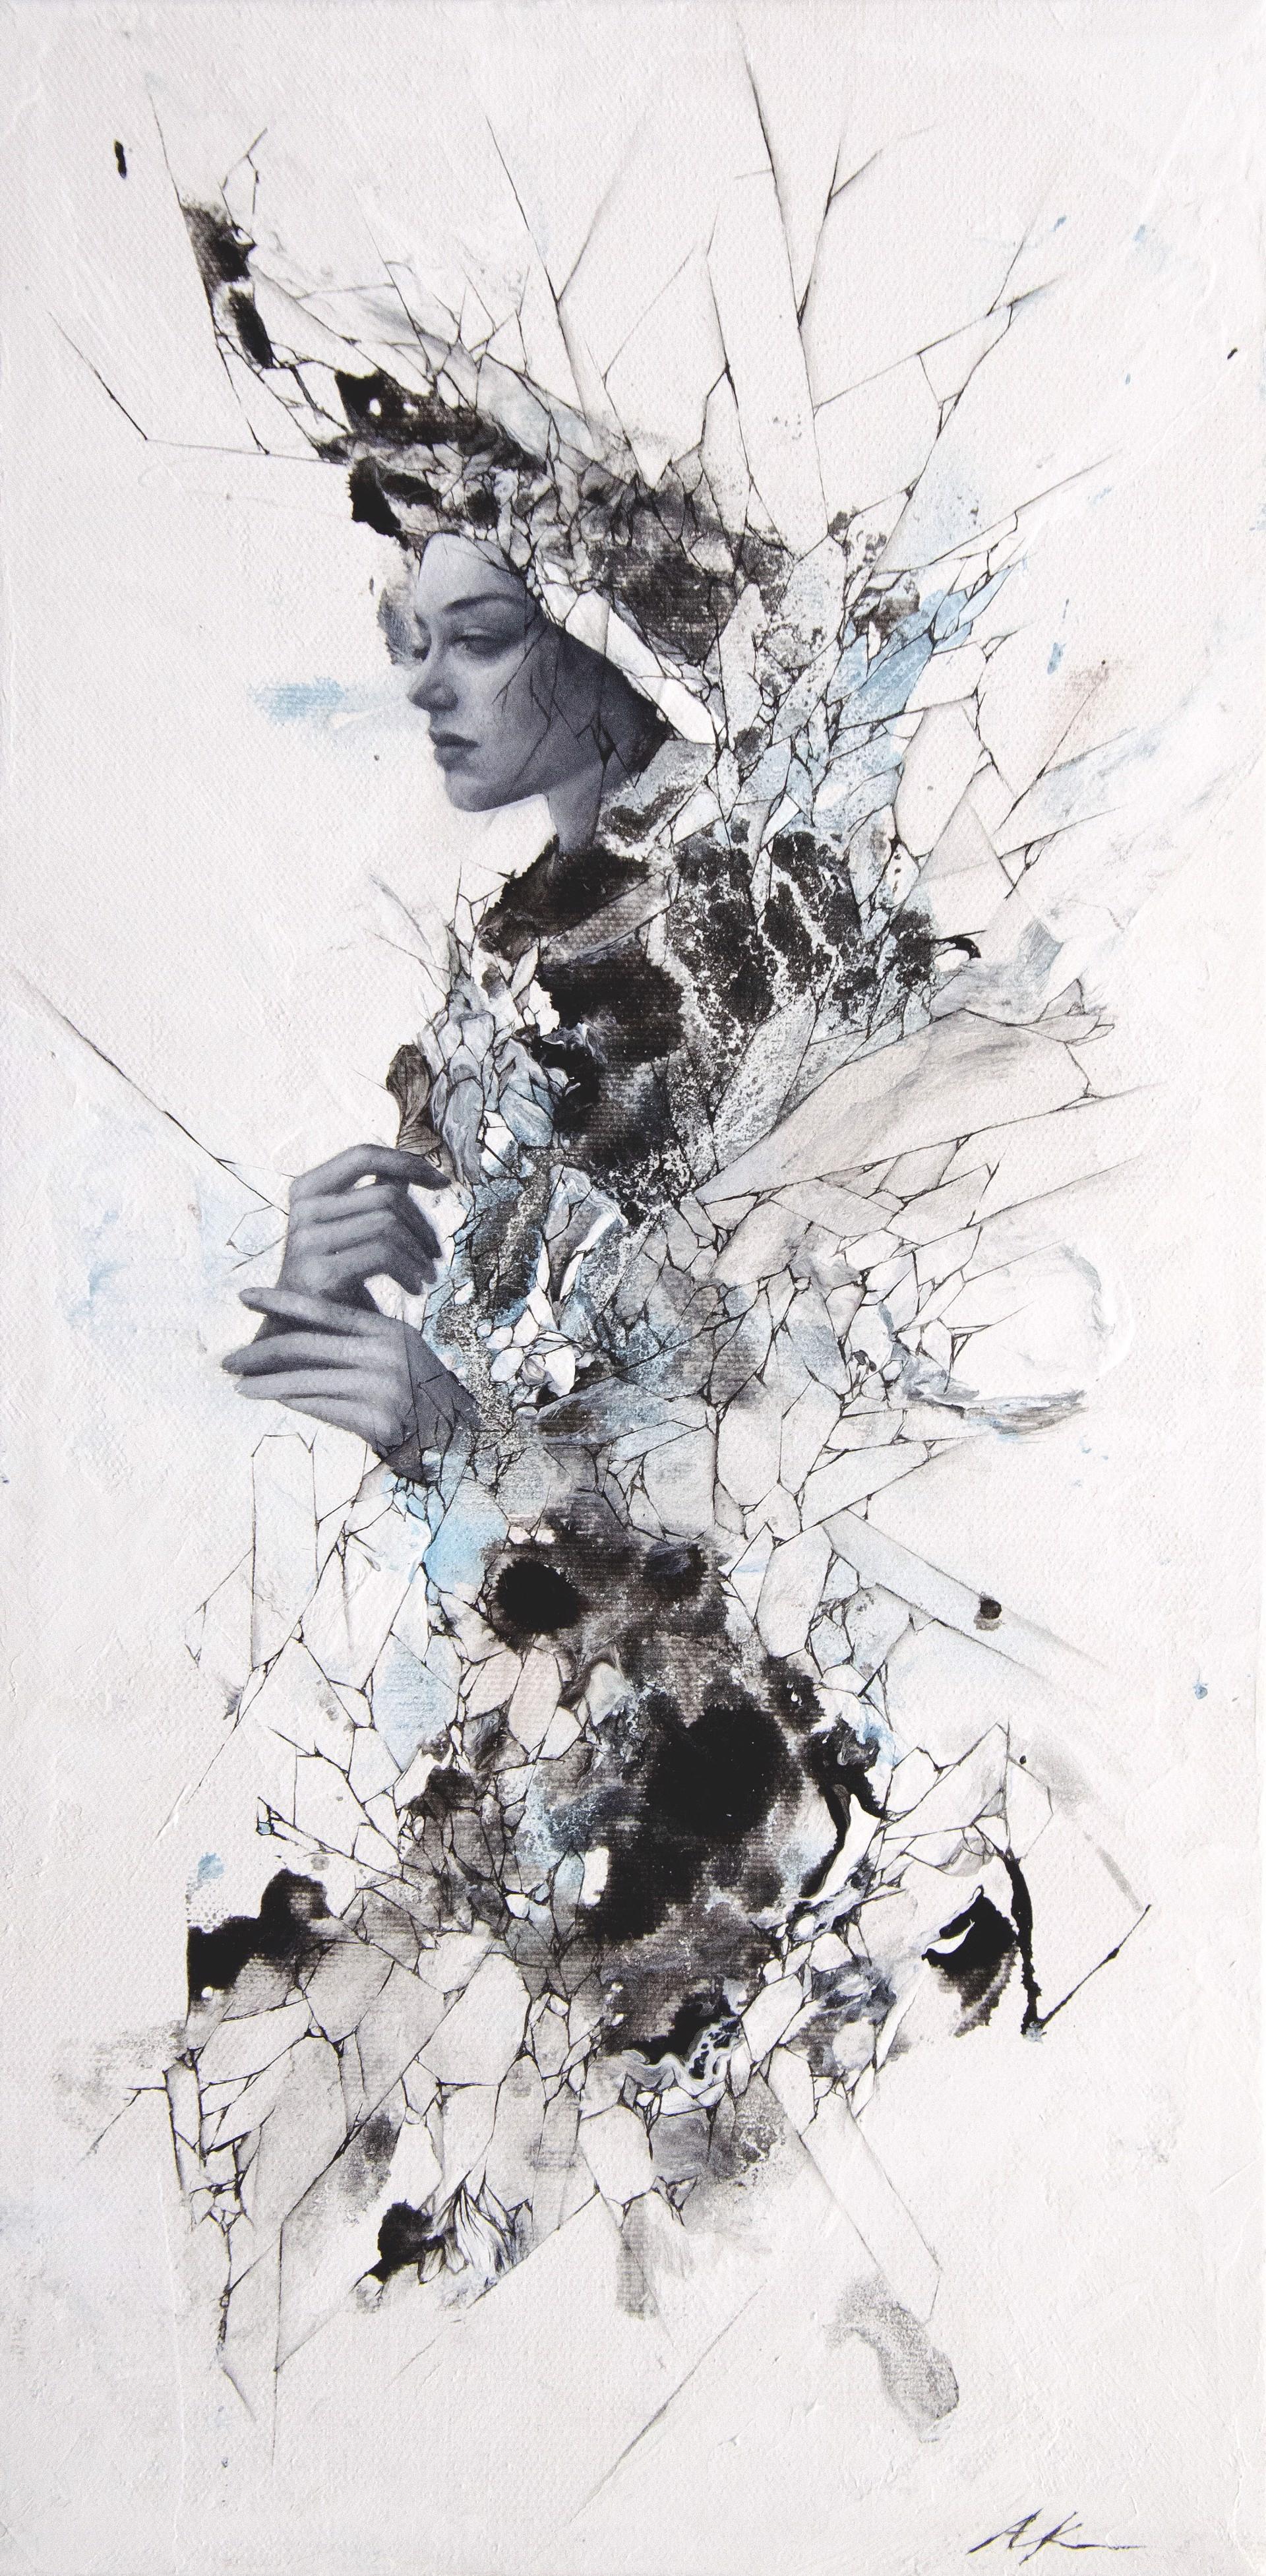 Cirrus by Aiden Kringen